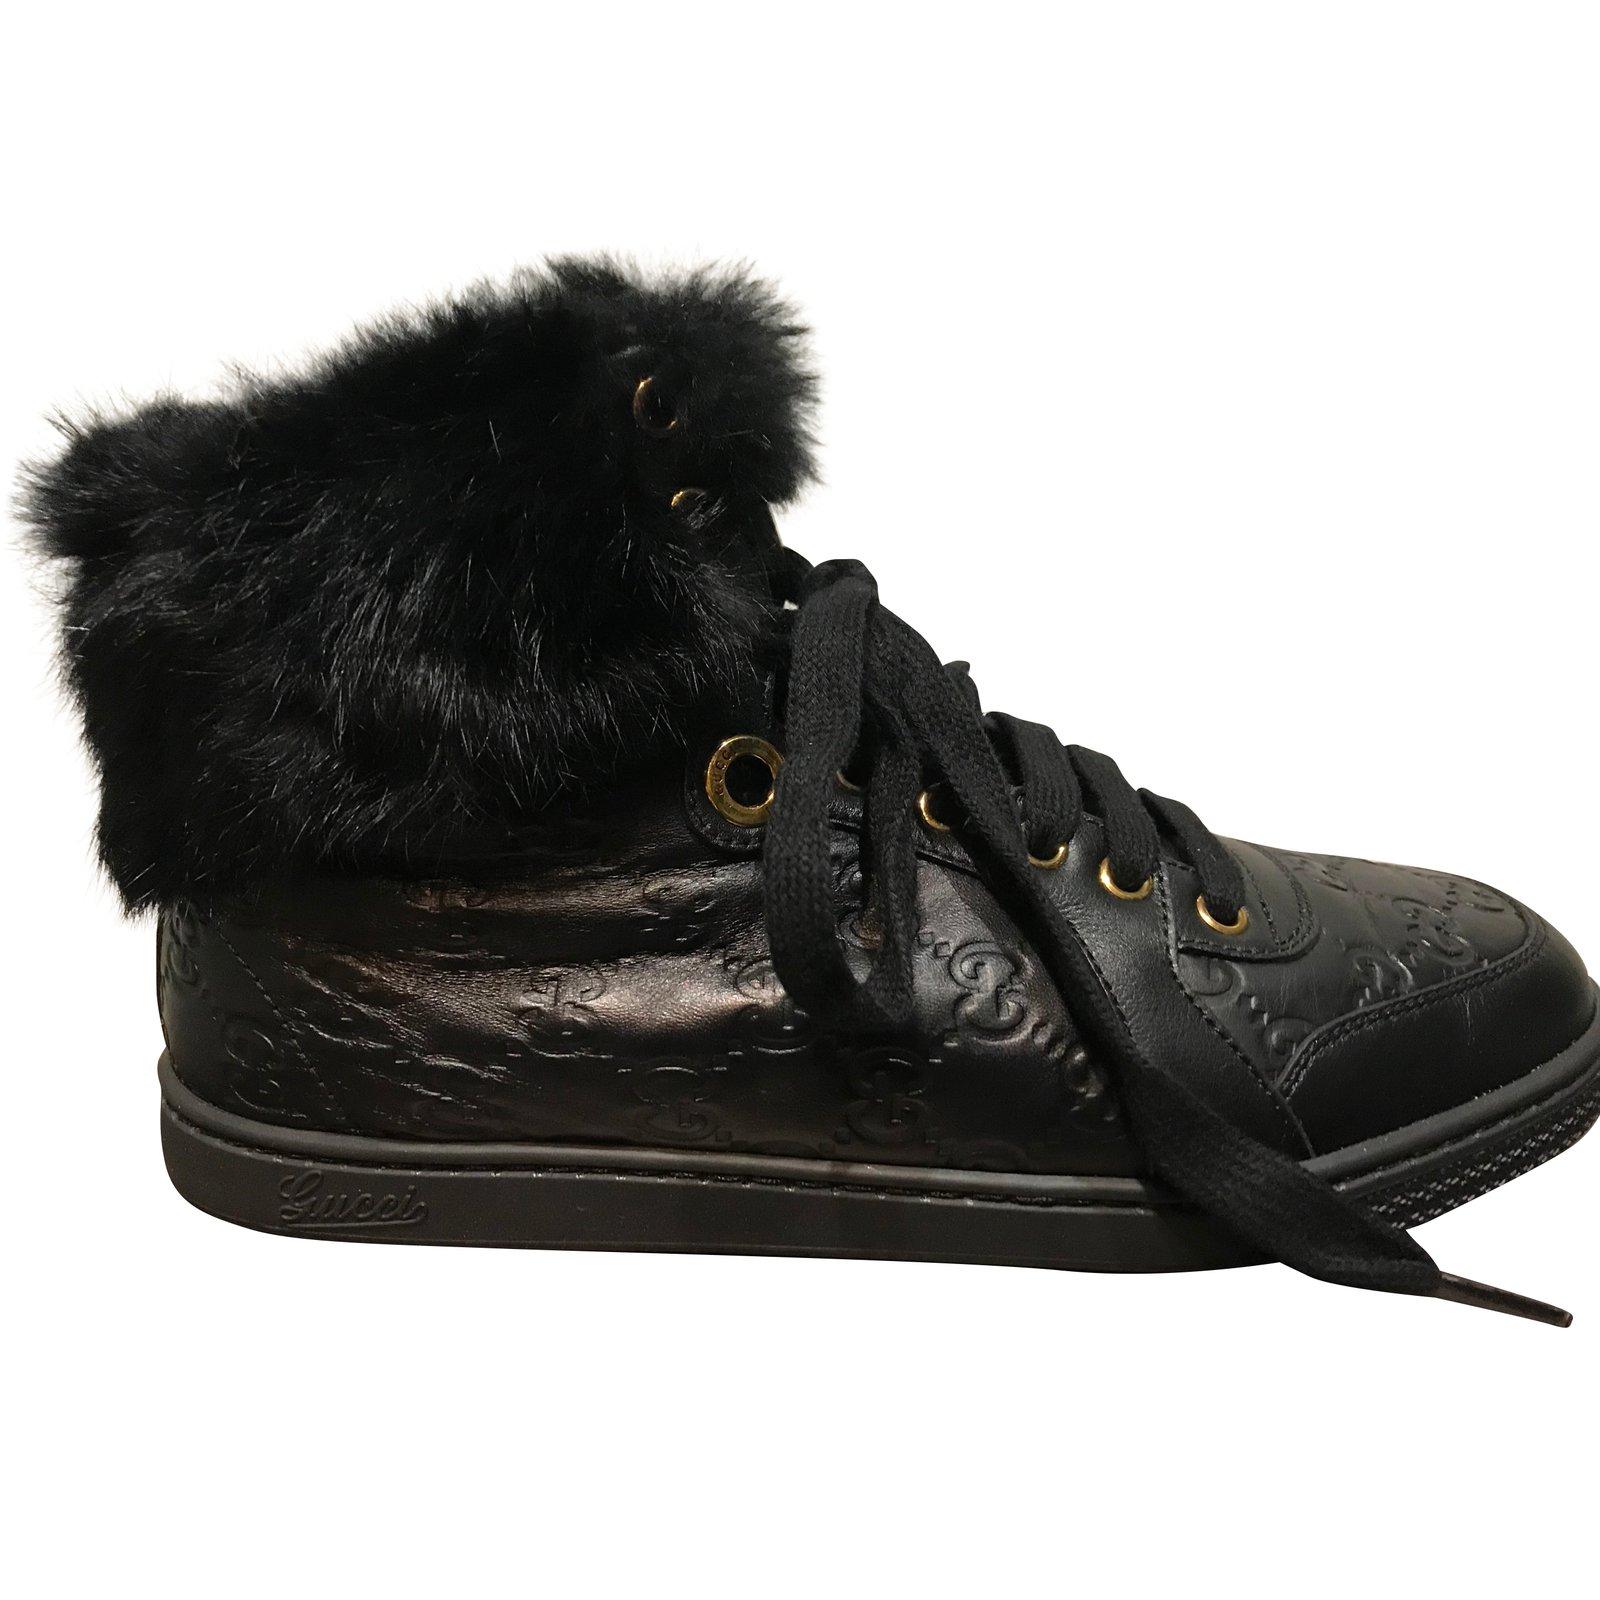 75a83e6969f Gucci CODA Sneakers Sneakers Leather Black ref.54641 - Joli Closet